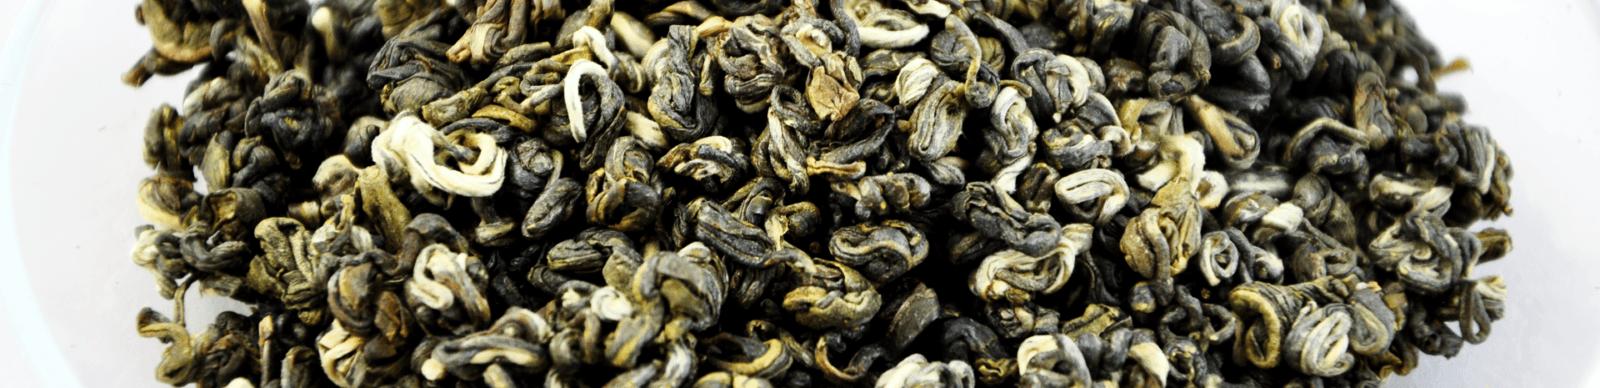 Купить Китайский чай Улитка оптом и в розницу - магазин чая ПУТЬ ЧАЯ .рф